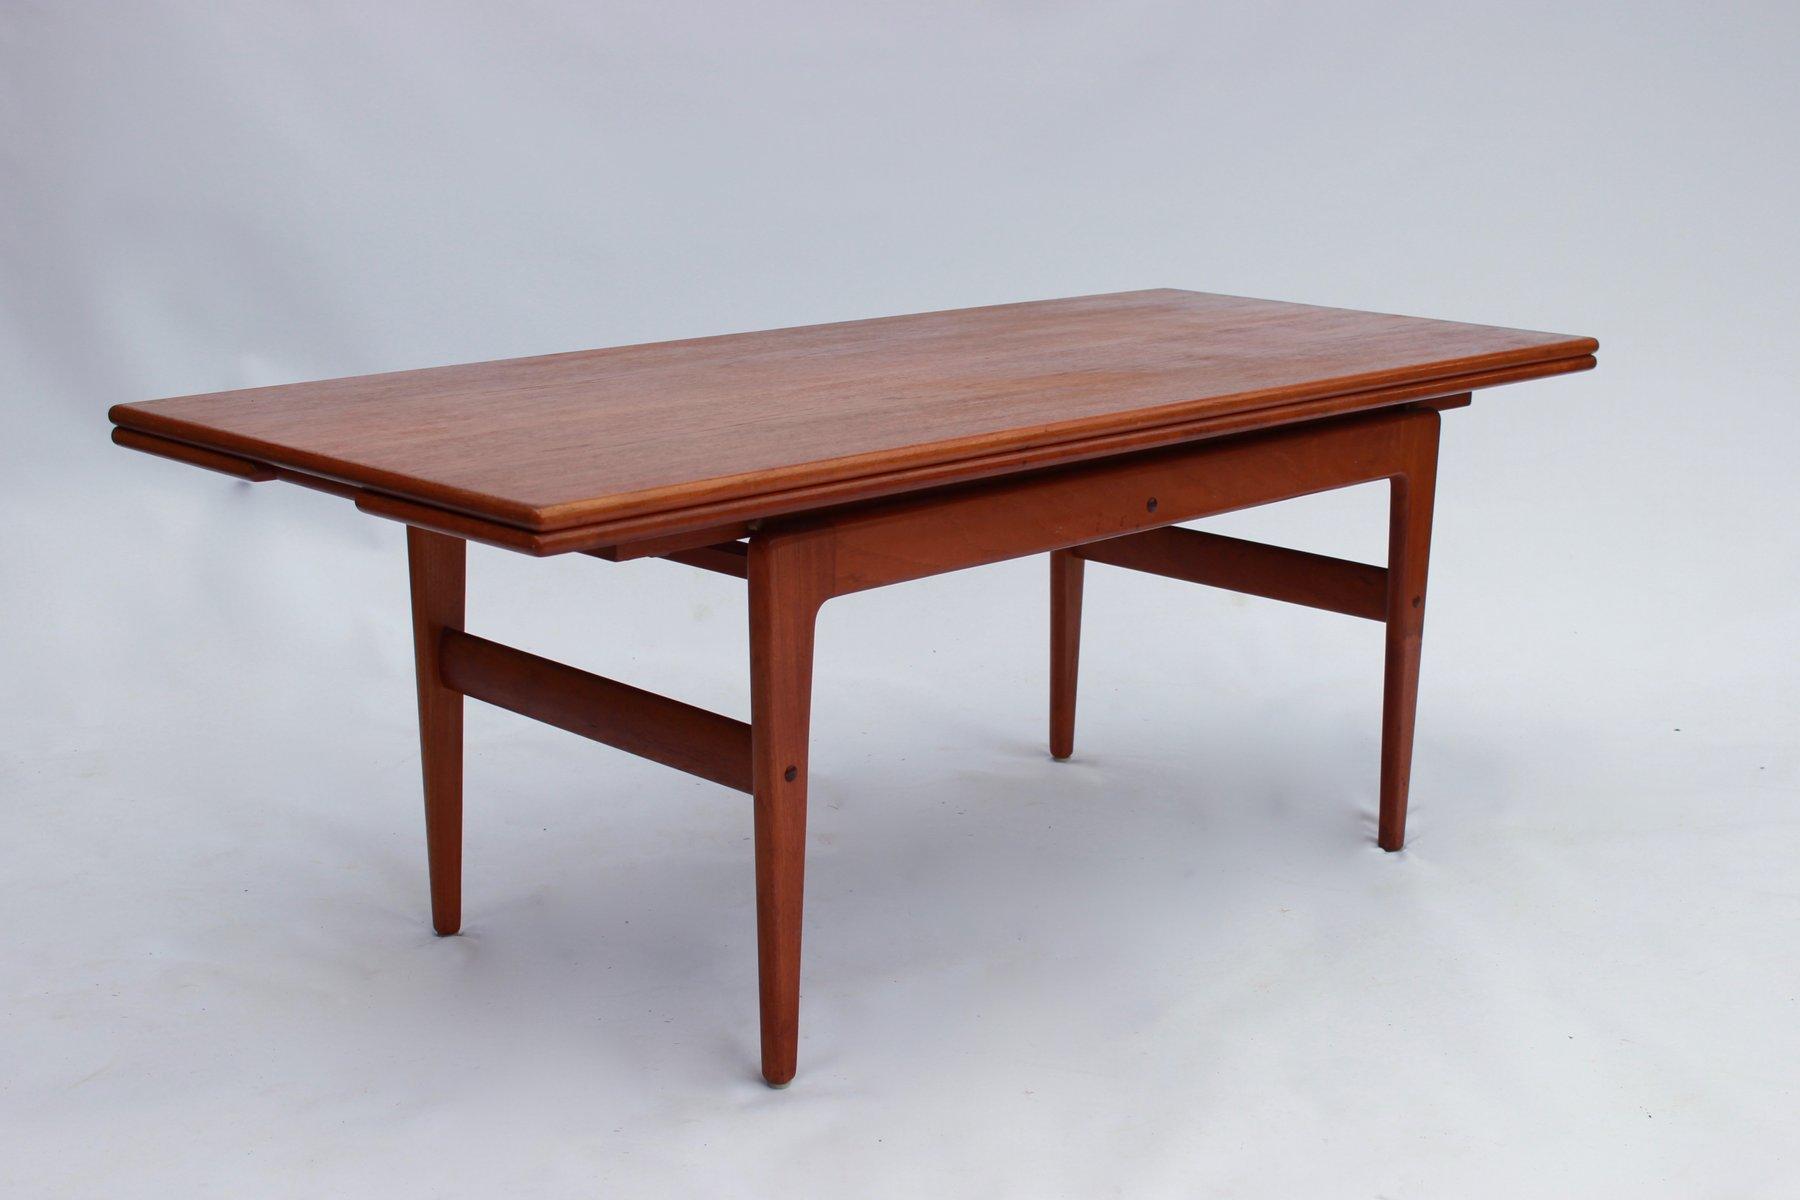 Anpassbarer Couch- oder Esstisch aus Teak, 1960er